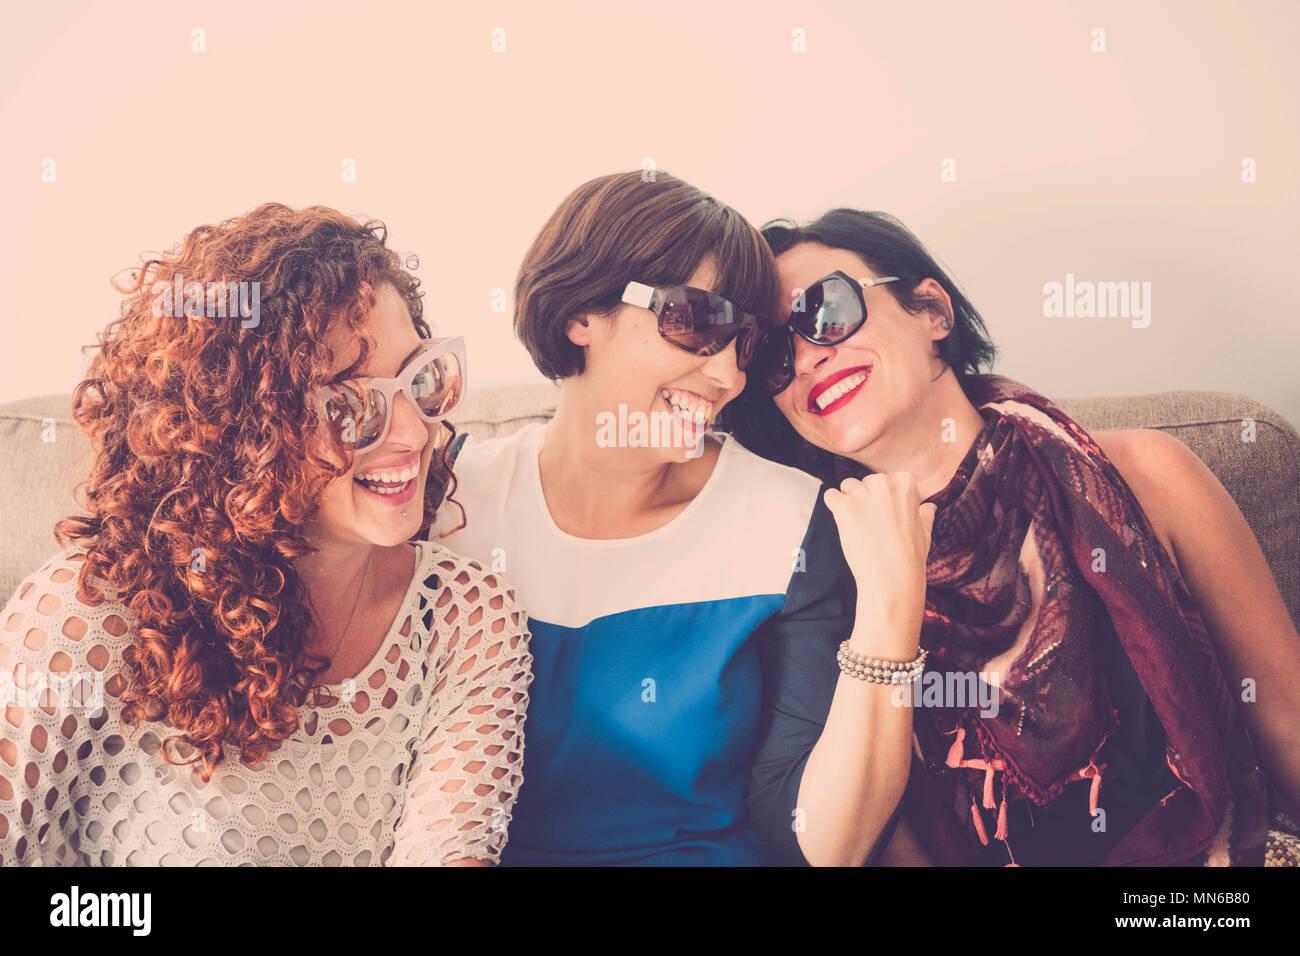 Drei Frauen kaukasischen Völker griup Spaß zu Hause mit Verrücktheit und Glück zusammen. Freundschaft Konzept zwischen Mädchen jung und schön. Hell v Stockbild